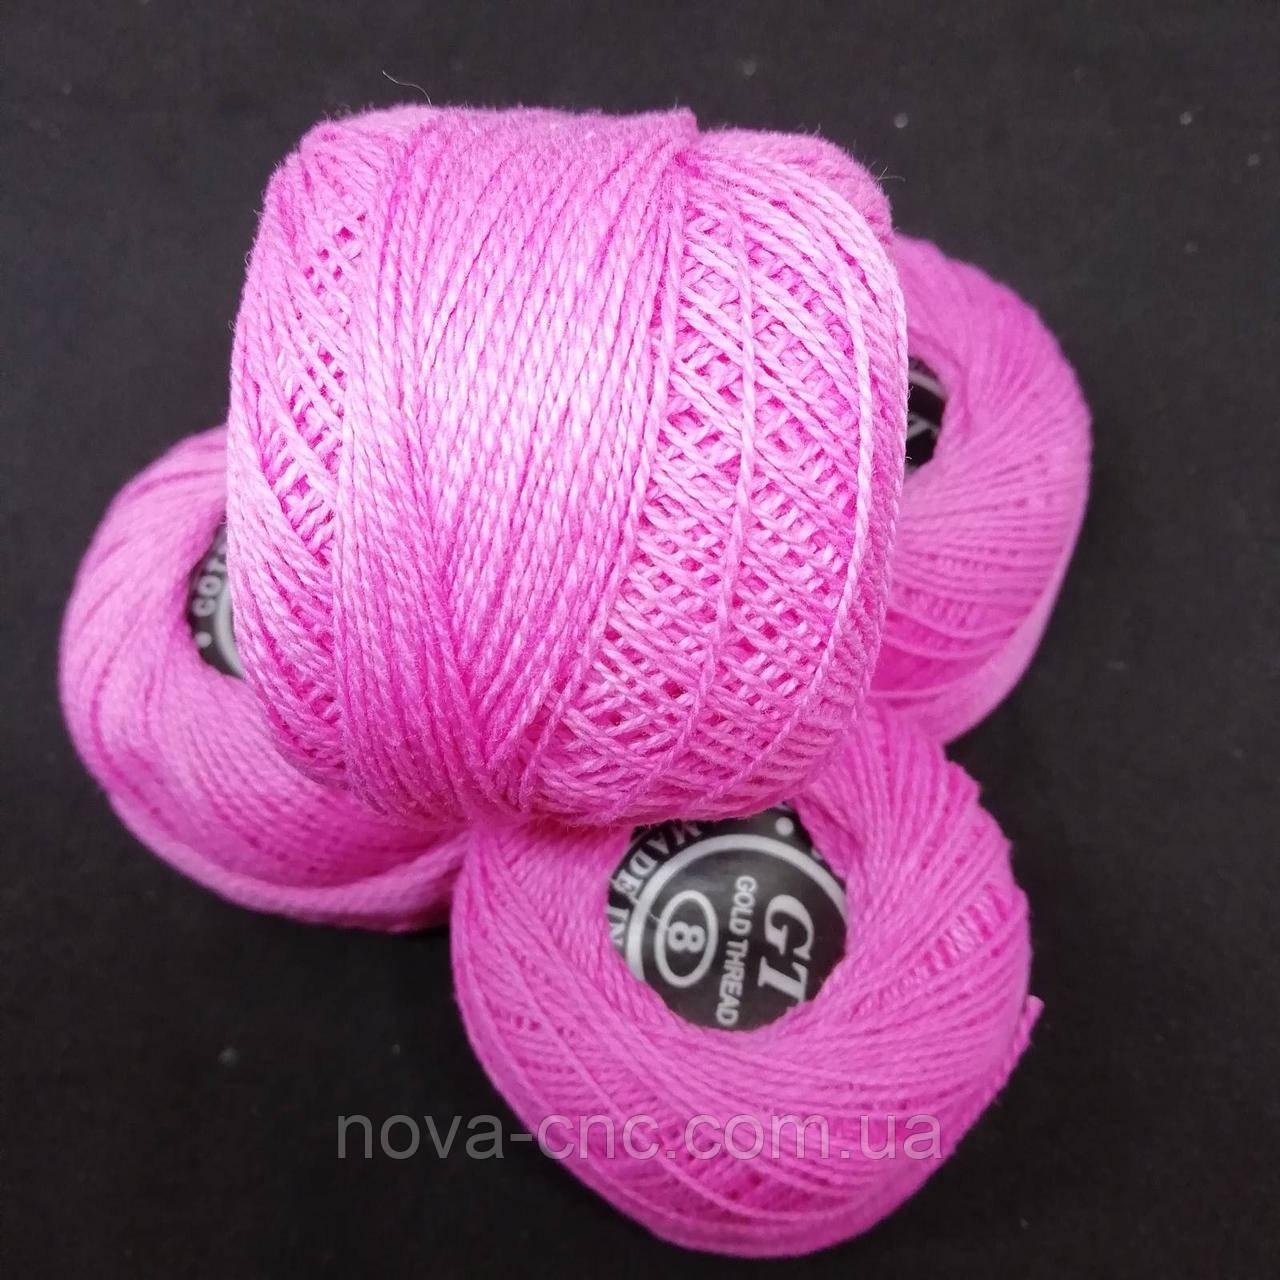 Хлопок Пряжа Ирис №8/ 10 грамм розовый Упаковка 10 штук Тон 402